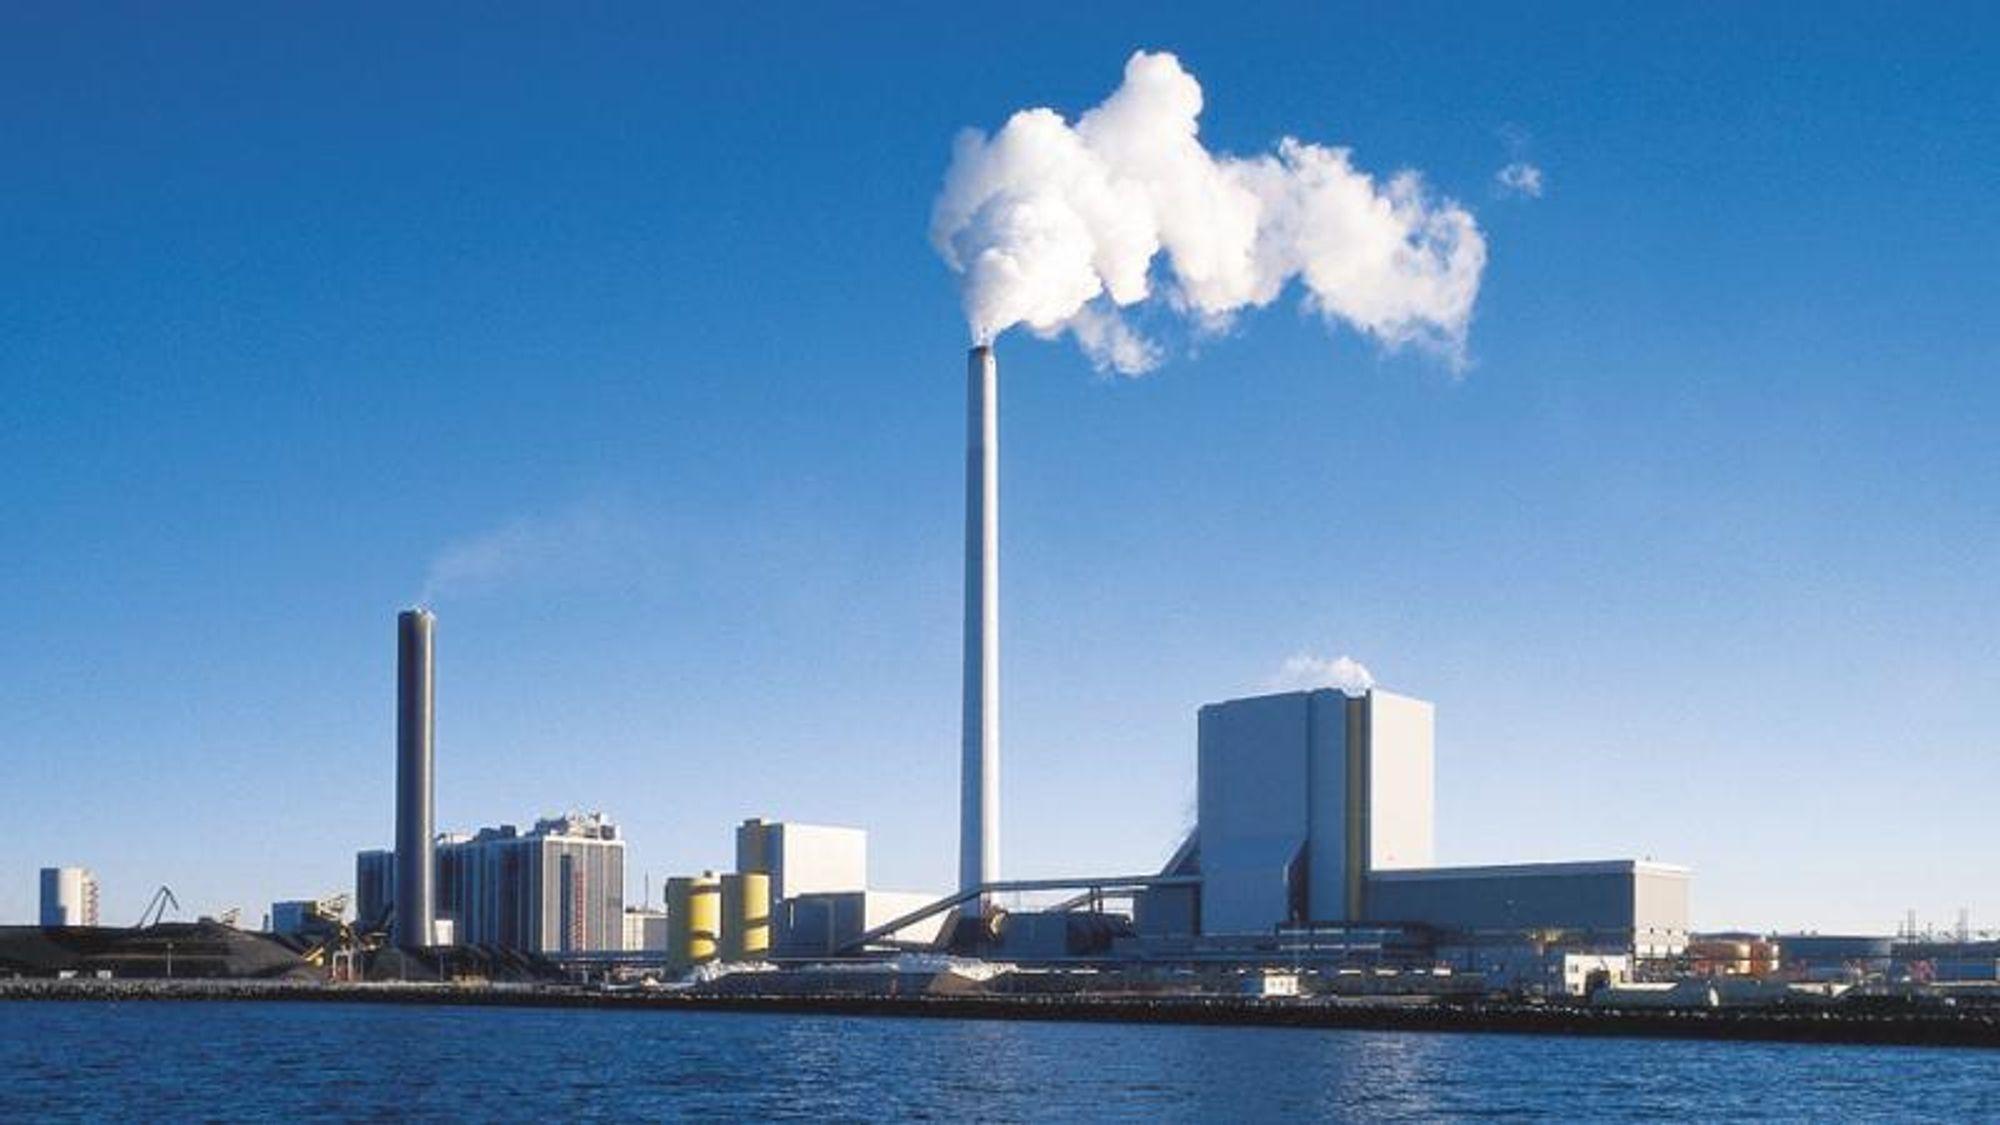 På det danske Asnesverket stopper bruken av kull i år. Og senest i 2030 er strømproduksjonen i Danmark helt kullfri. Dermed forsvinner også betongbransjens enkle tilgang til flygeaske. Men nye tester viser at man i stedet kan bruke kullflygeaske fra deponier.